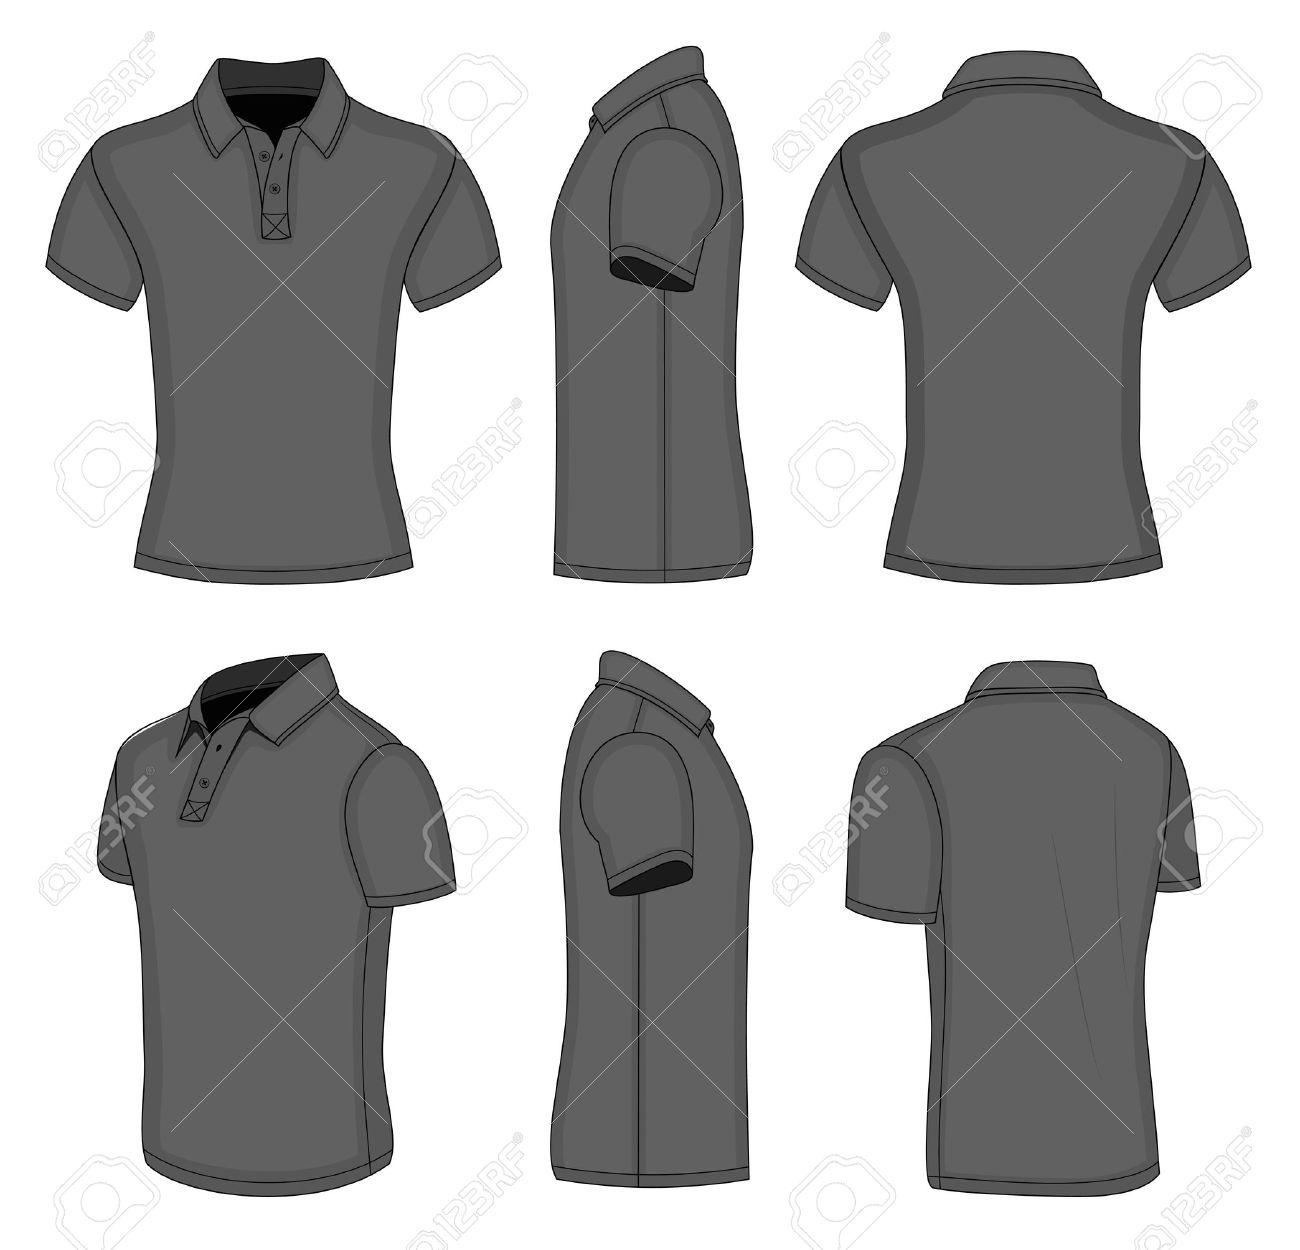 Foto de archivo - Polo de manga corta de plantillas de diseño camiseta  negra de los hombres 9aa32516c211d